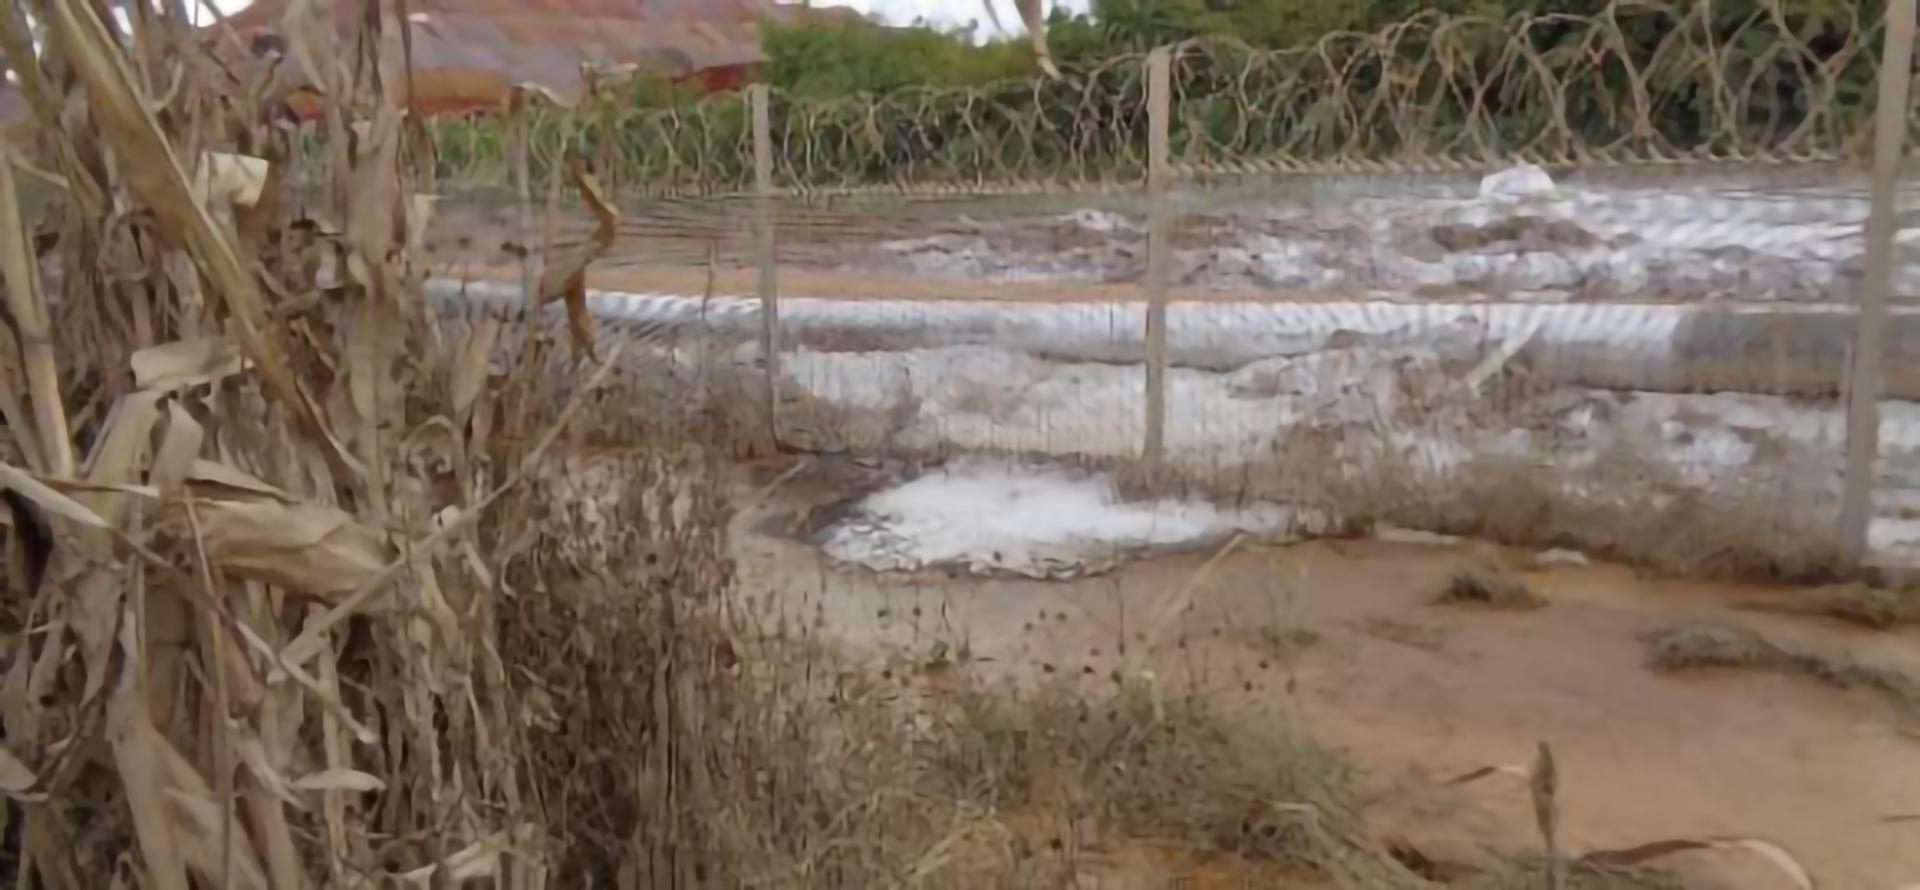 L'entreprise Mutanda Mining doit assumer ses responsabilités face à la pollution de la rivière Luakusha et du lac Kando et la destruction des champs des populations locales